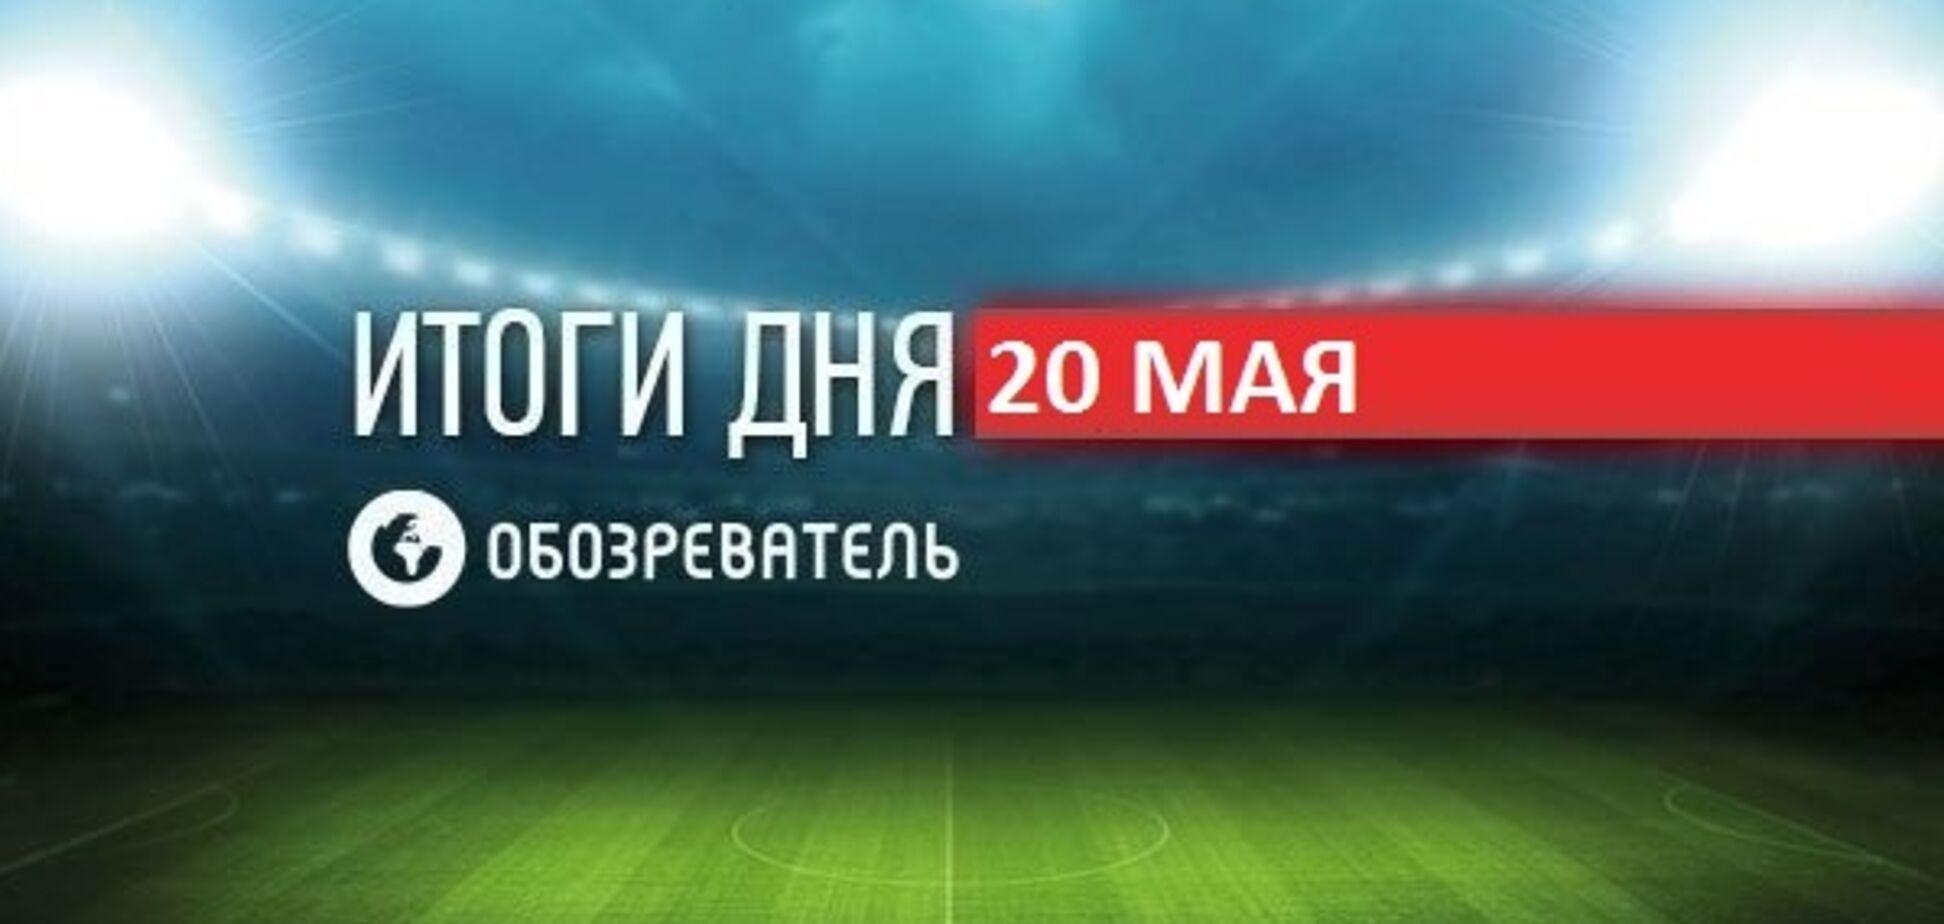 Ракицкий вошел в историю мирового футбола: спортивные итоги 20 мая